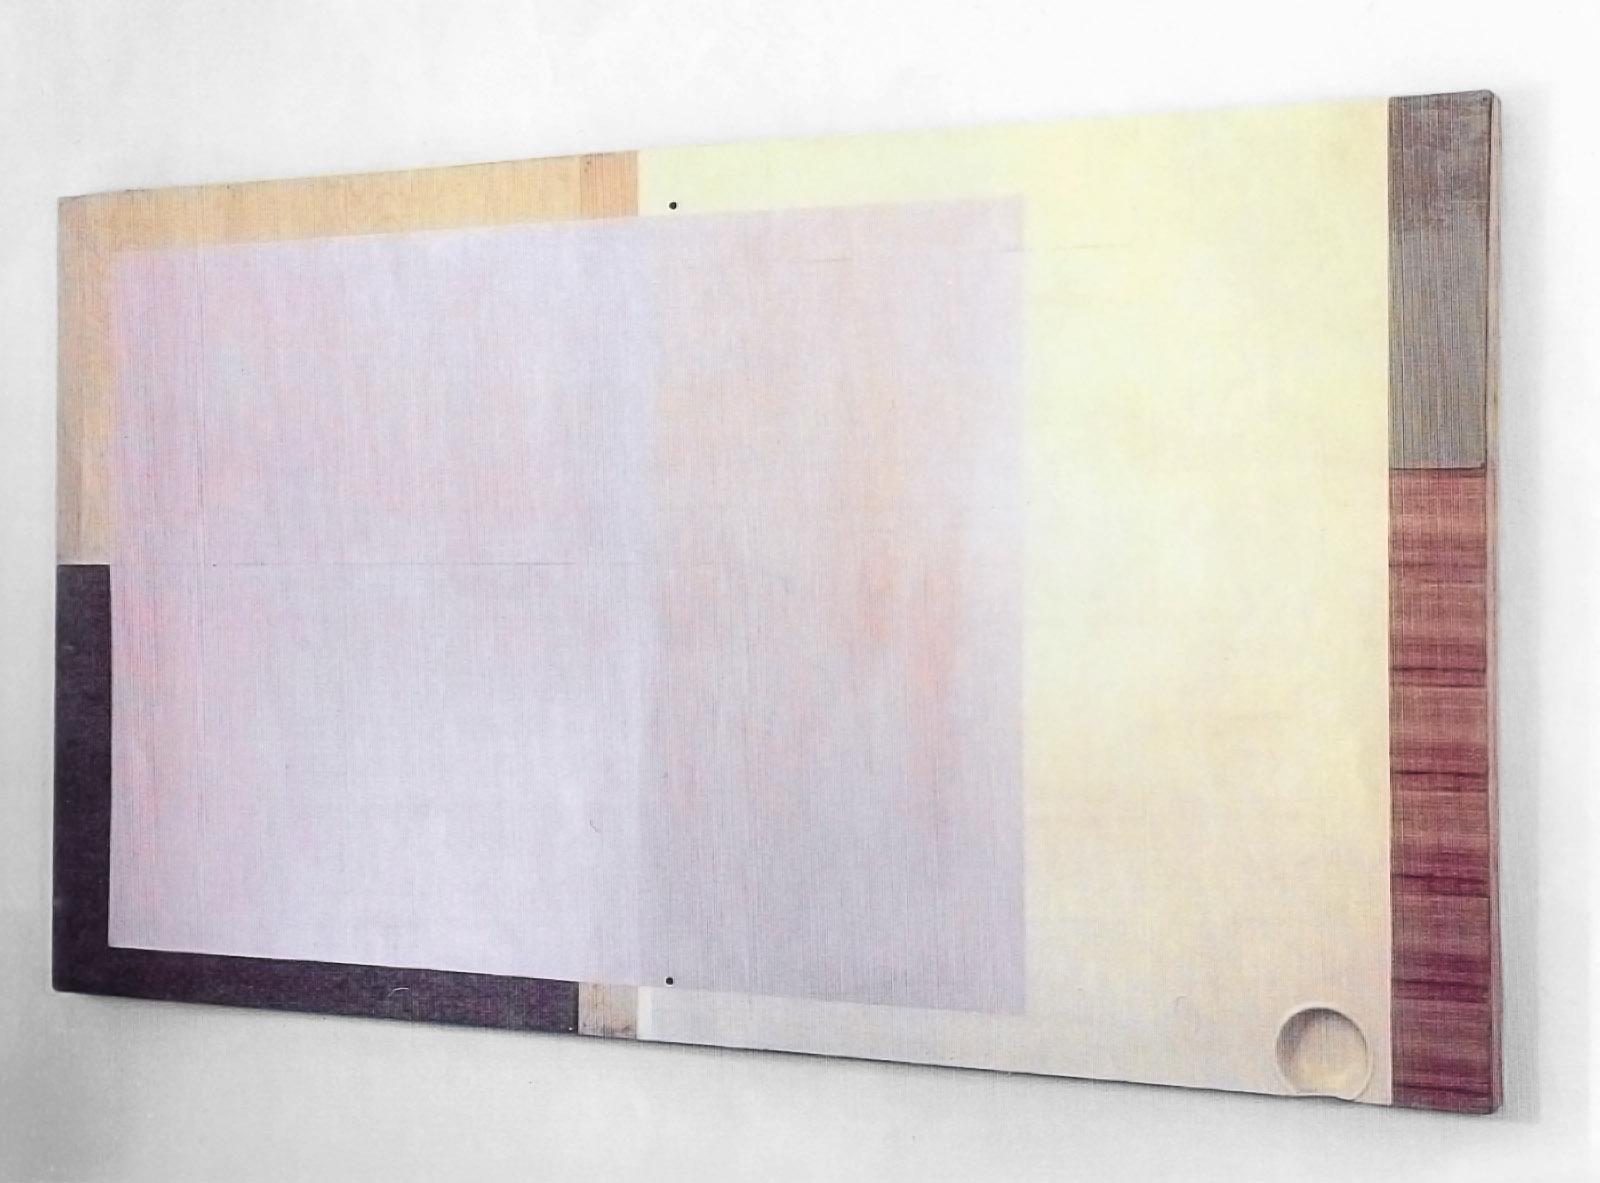 """""""DIN 1"""", 32,265x147x8 cm, Acryllack, Holz, 1992"""